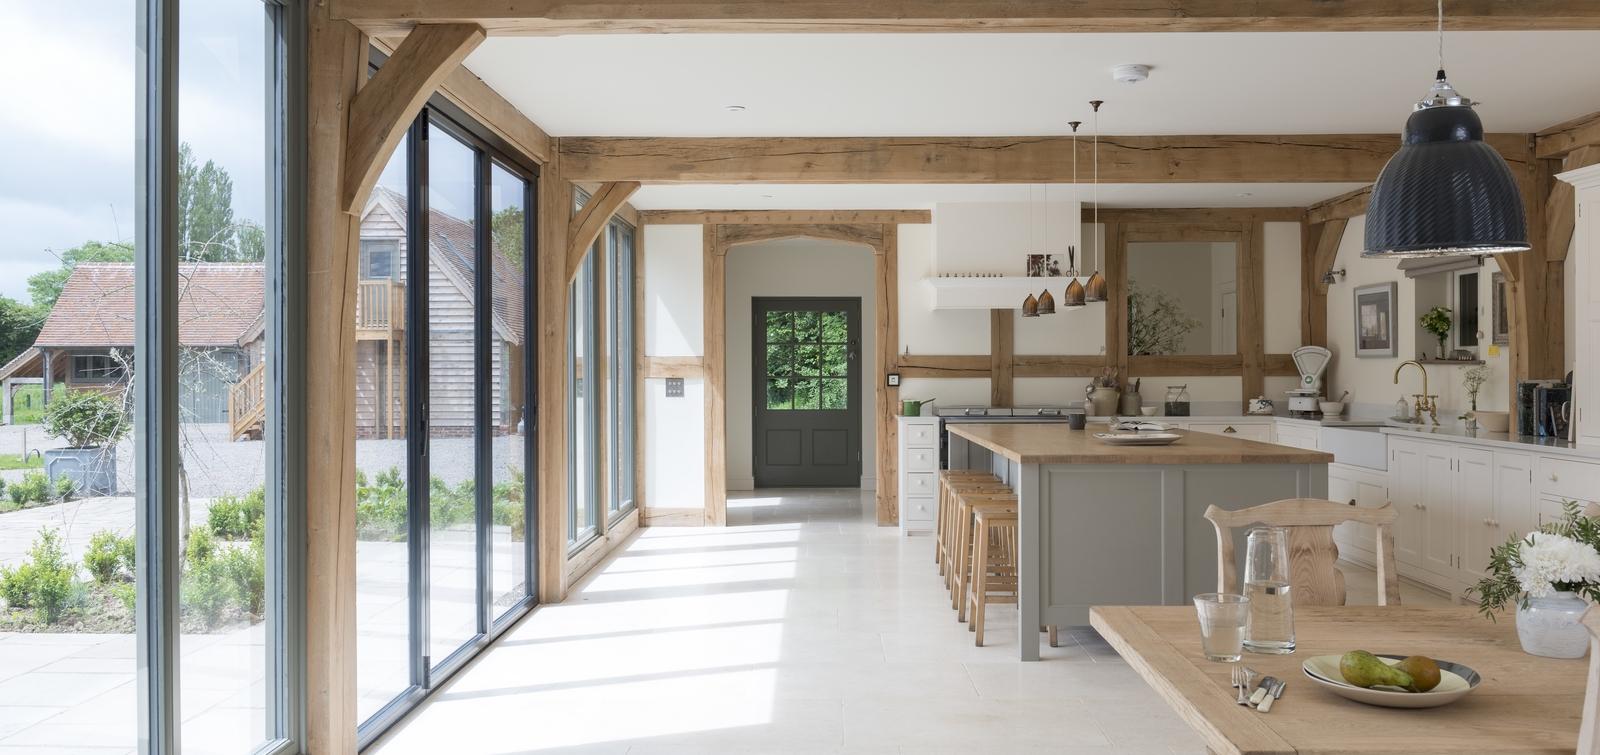 Border Oak – Award Winning Bespoke Oak Framed Buildings